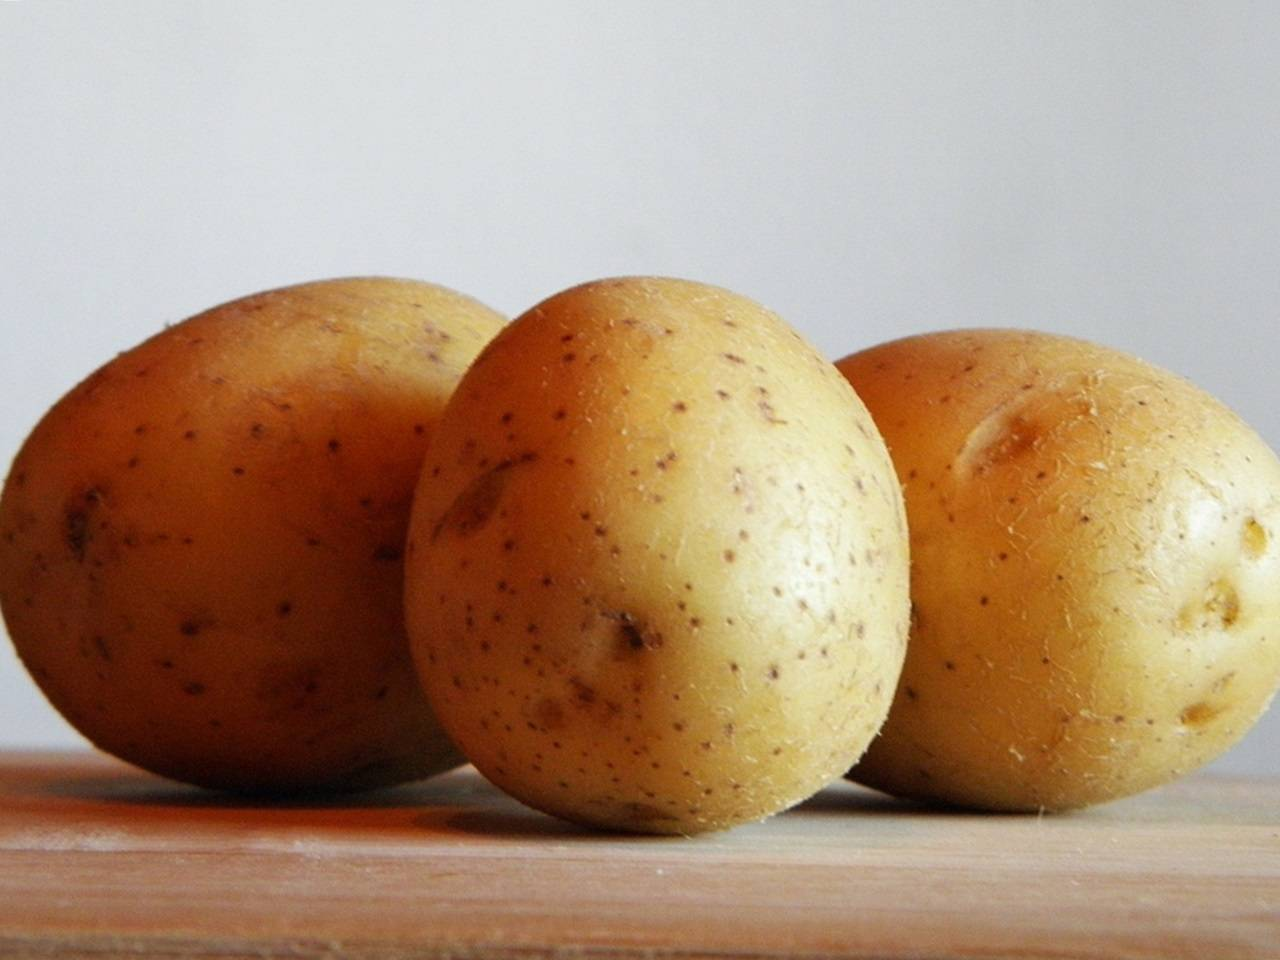 Лучшие ранние сорта картофеля: описание, фото и отзывы для разных регионов